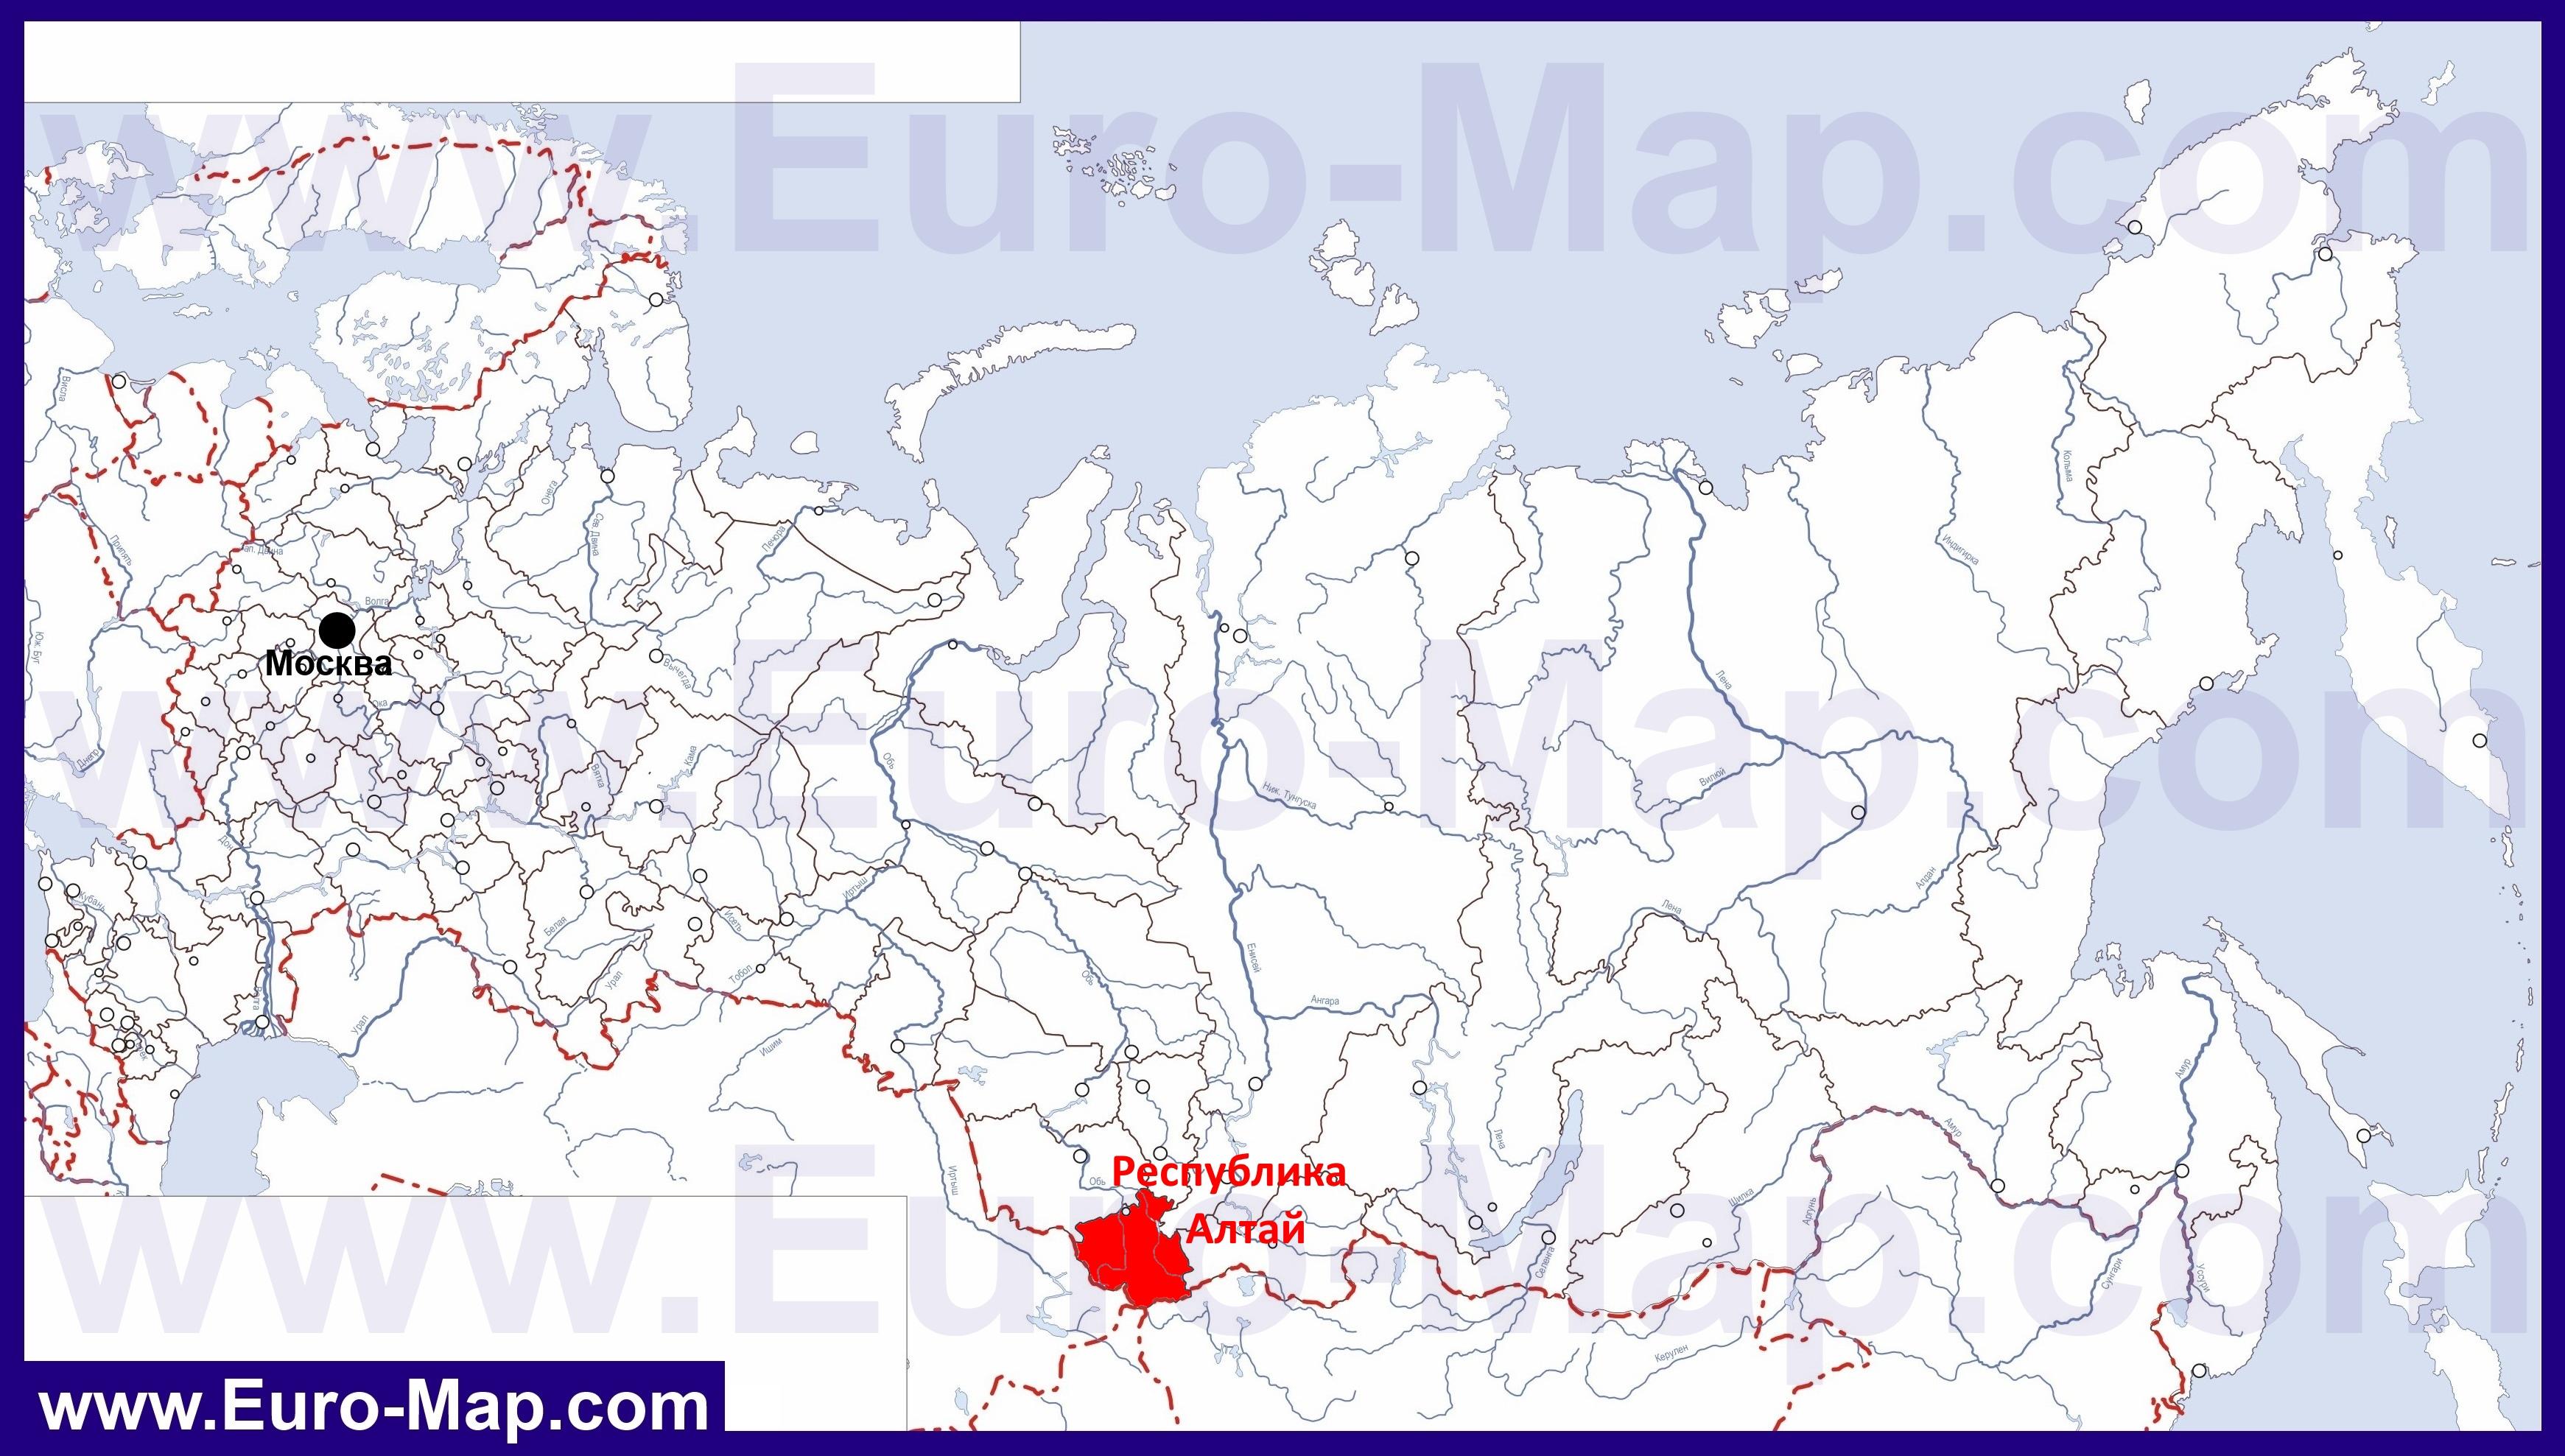 фото алтай на карте россии